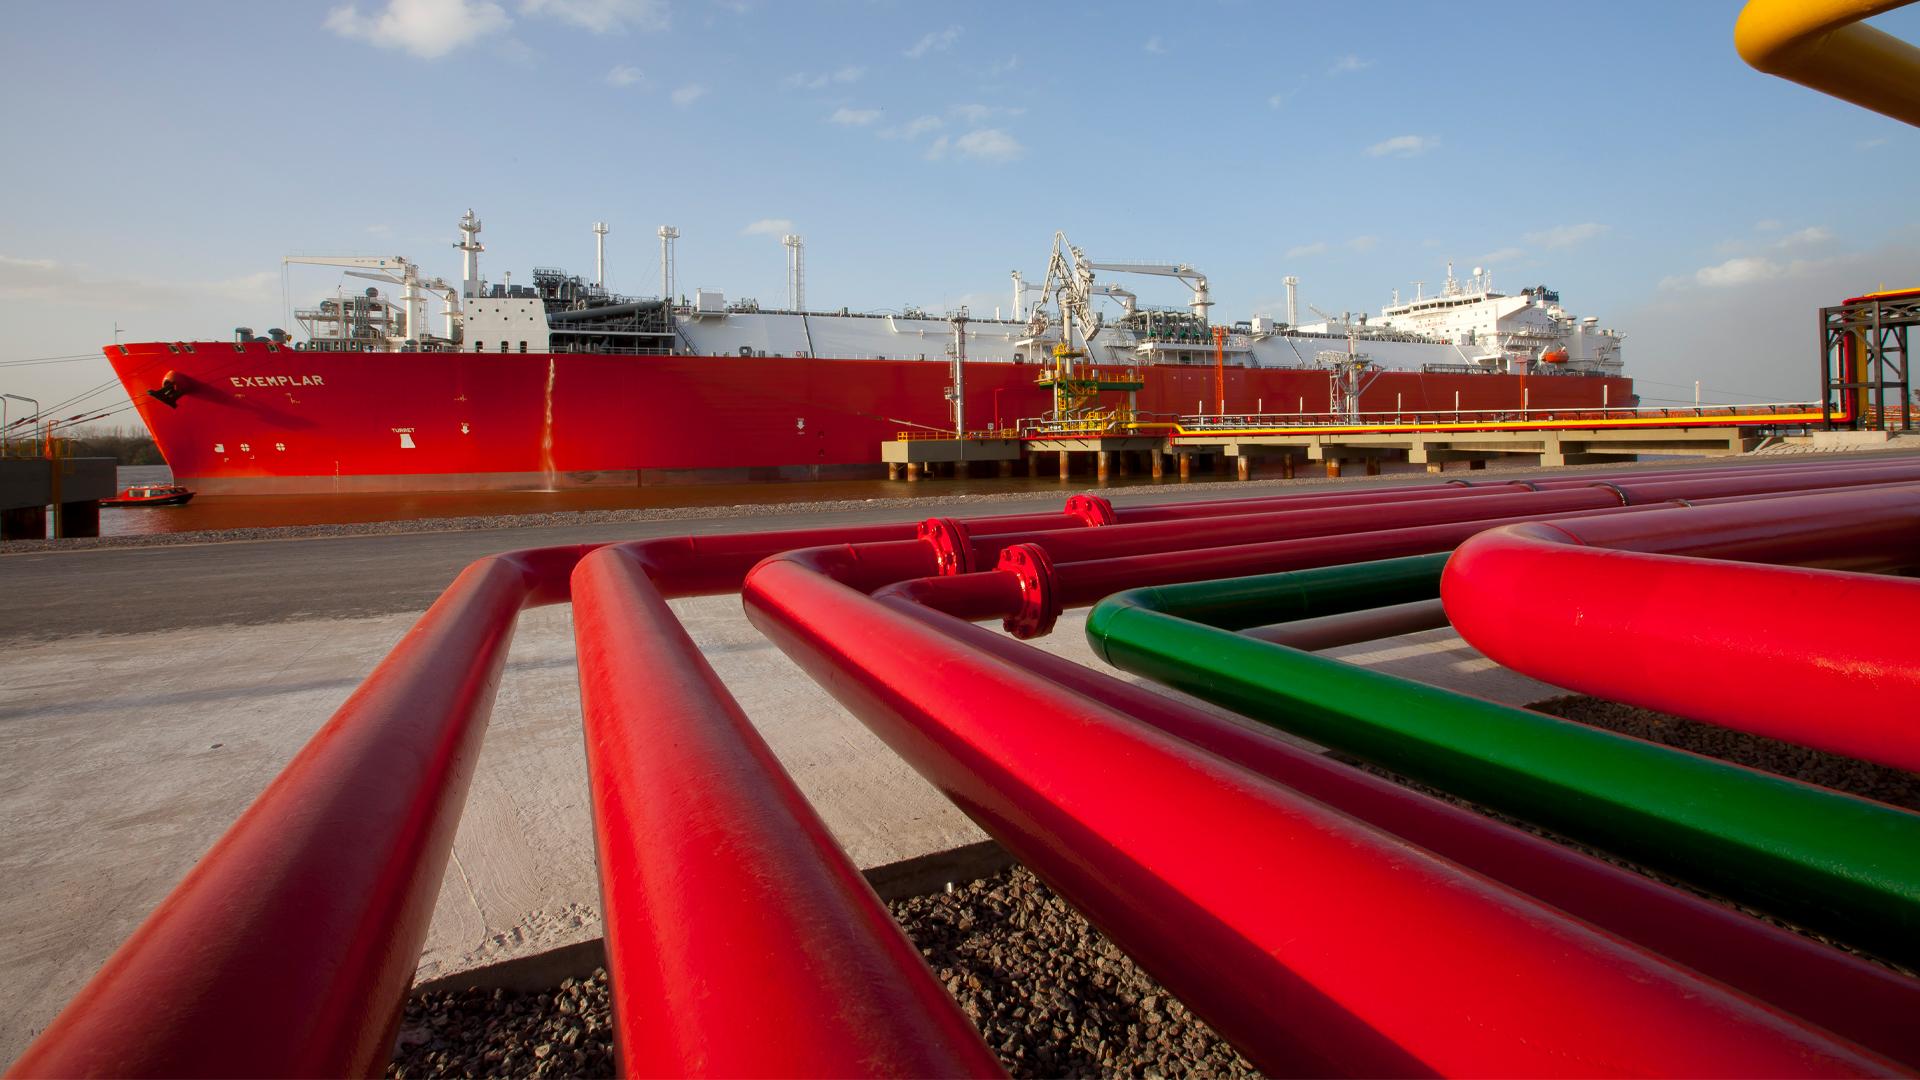 Técnicamente, el buque regasificador anclado en Escobar tiene una capacidad de almacenamiento de 150.900 m3 de GNL, que equivalen a 90,5 millones de m3 de gas. Foto: Archivo DEF.